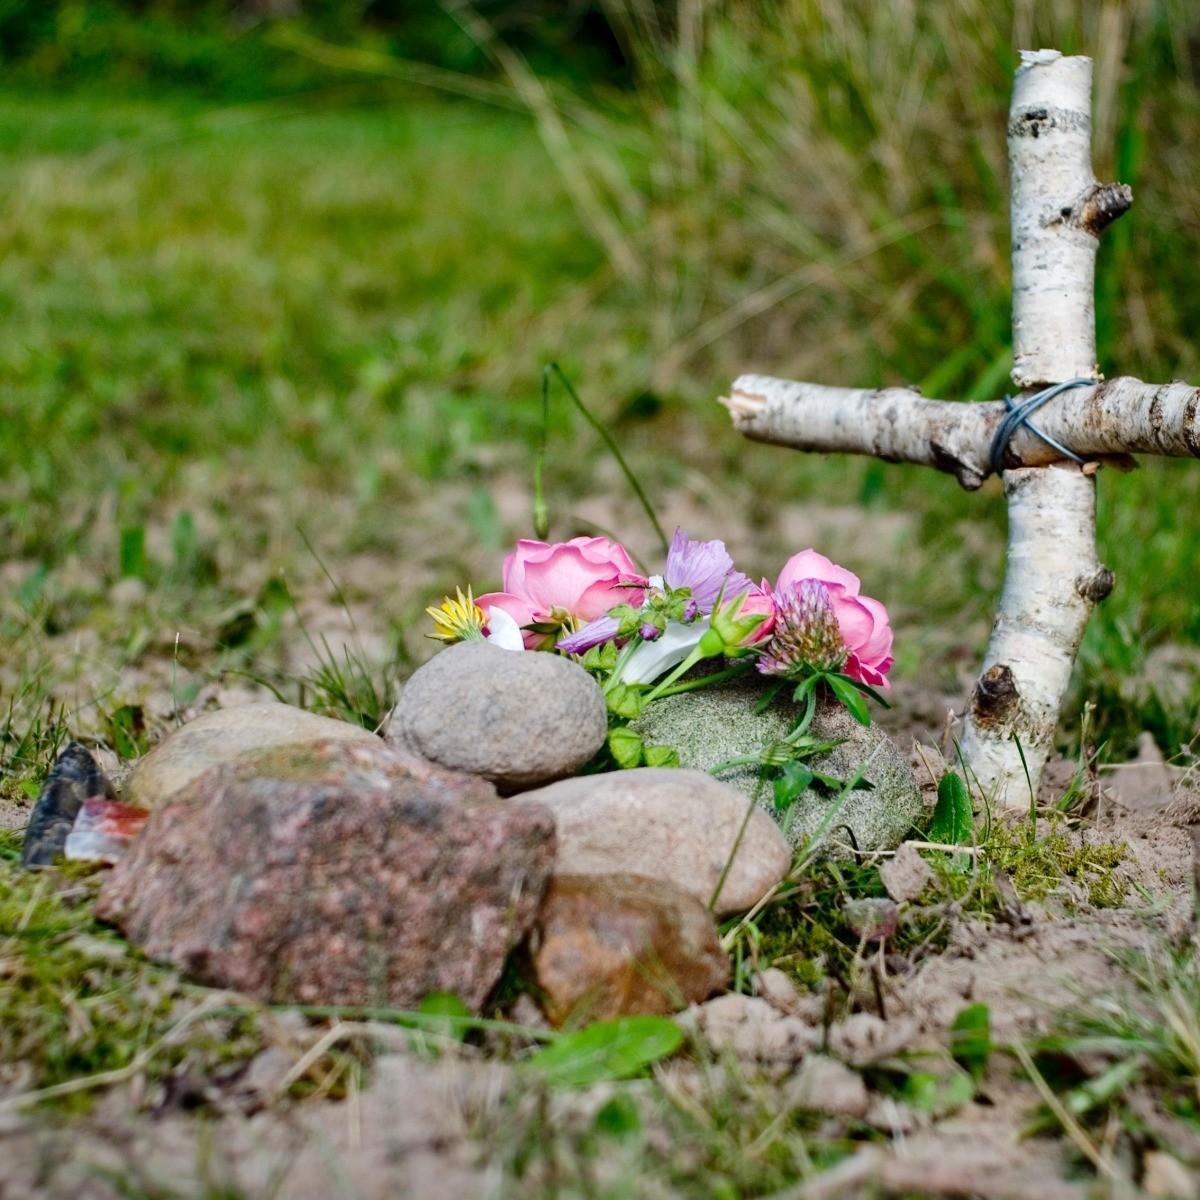 Burying a Dead Animal Near a Vegetable Garden?   ThriftyFun